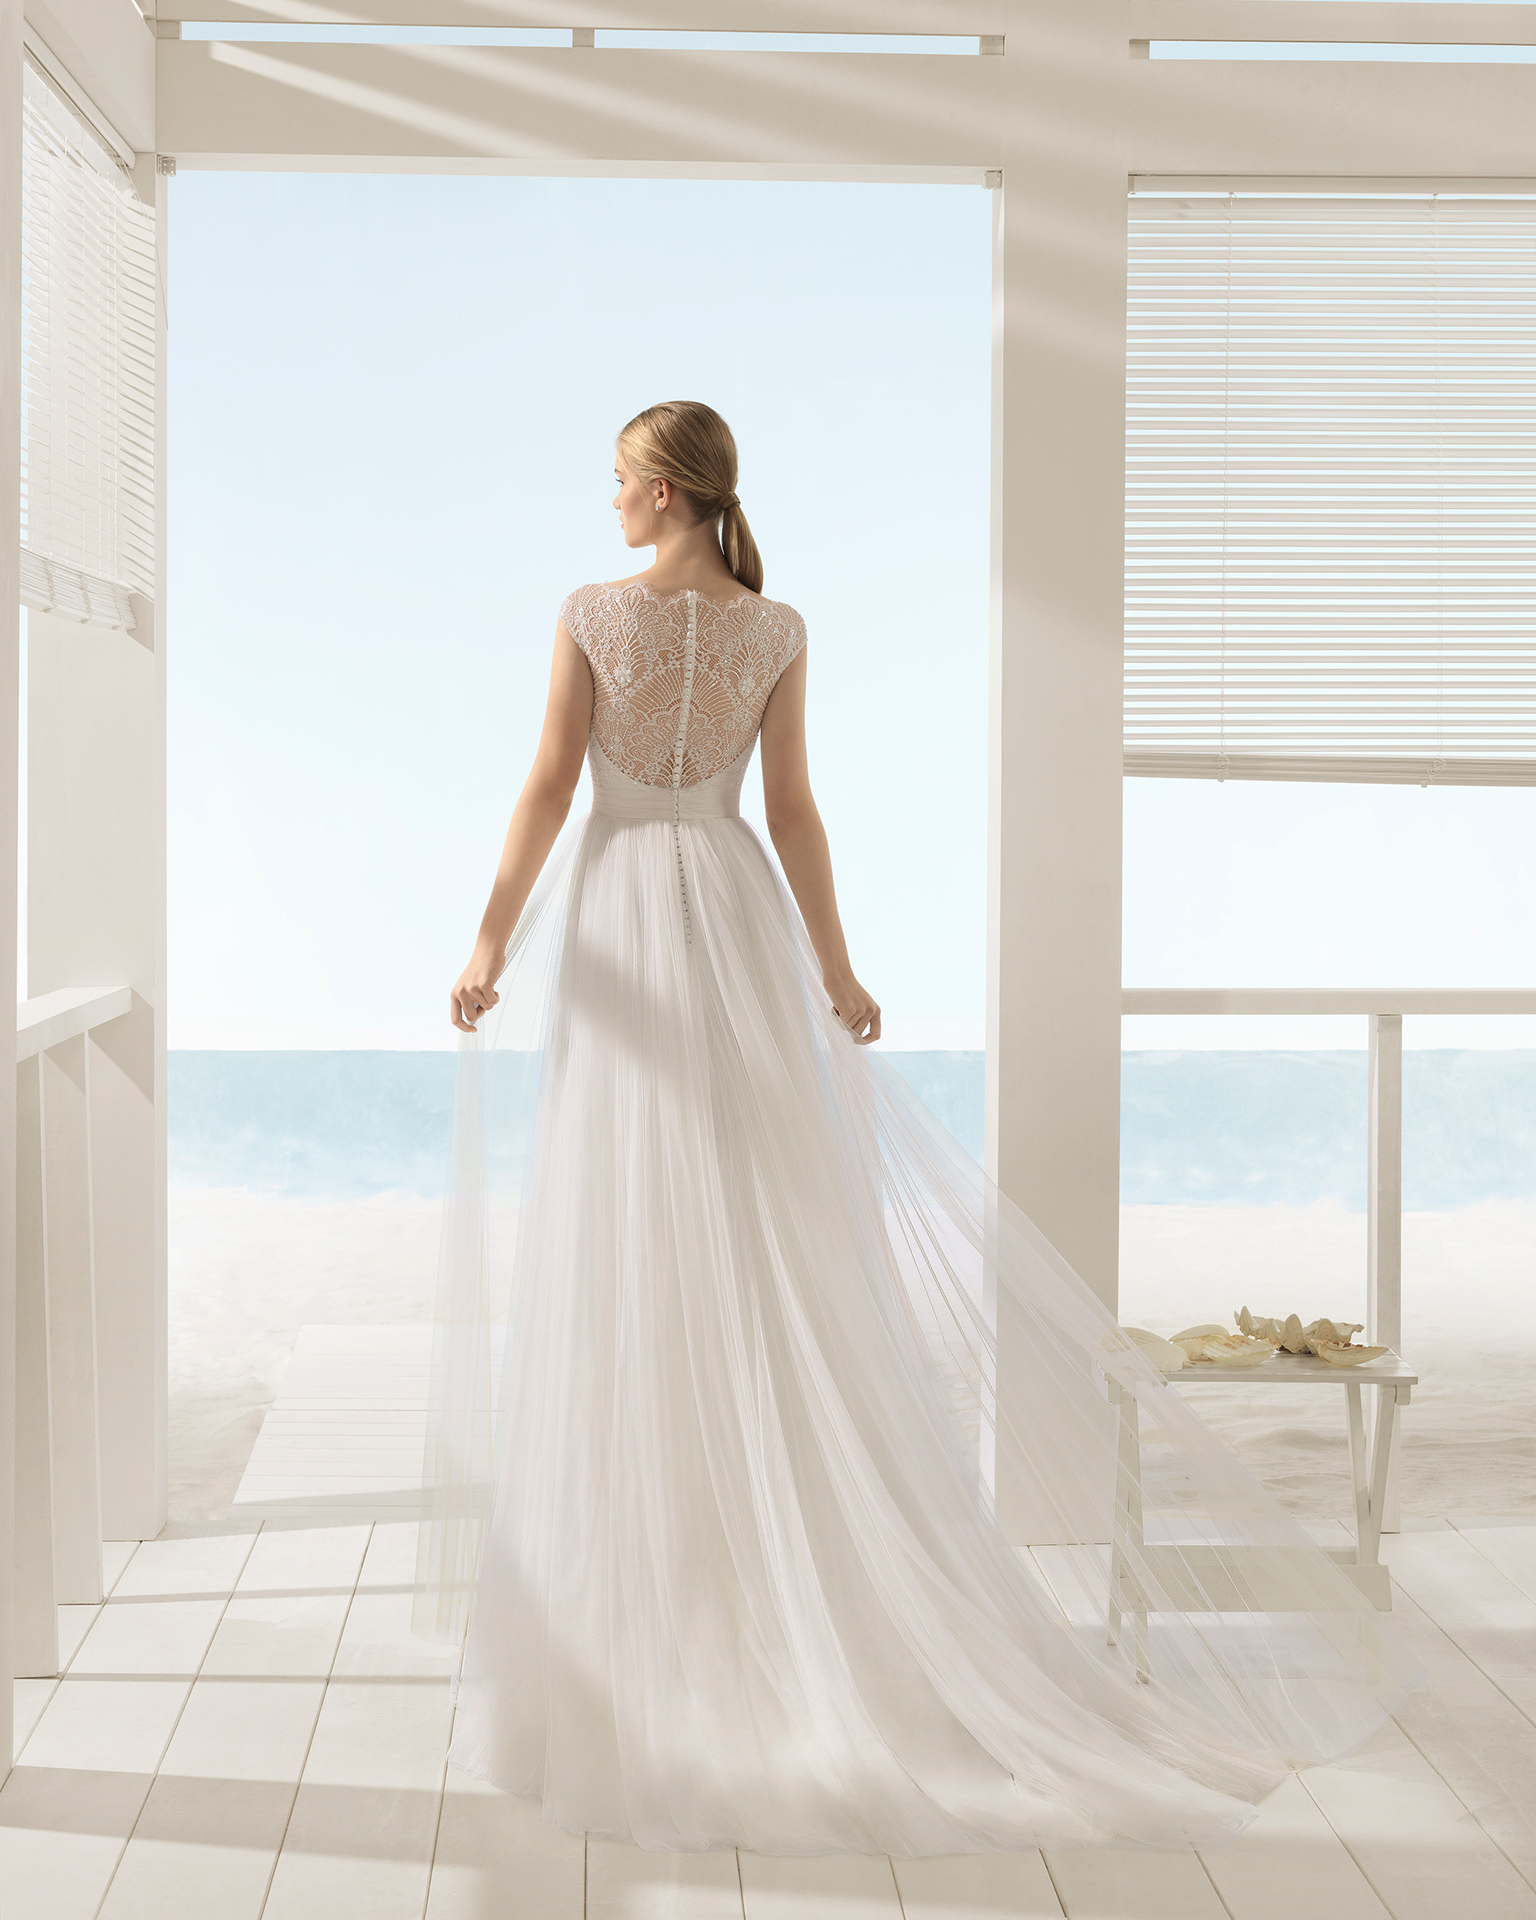 Rochie de mireasă în formă de A din tul și dantelă cu strasuri, cu mânecă scurtă cu spatele decoltat.